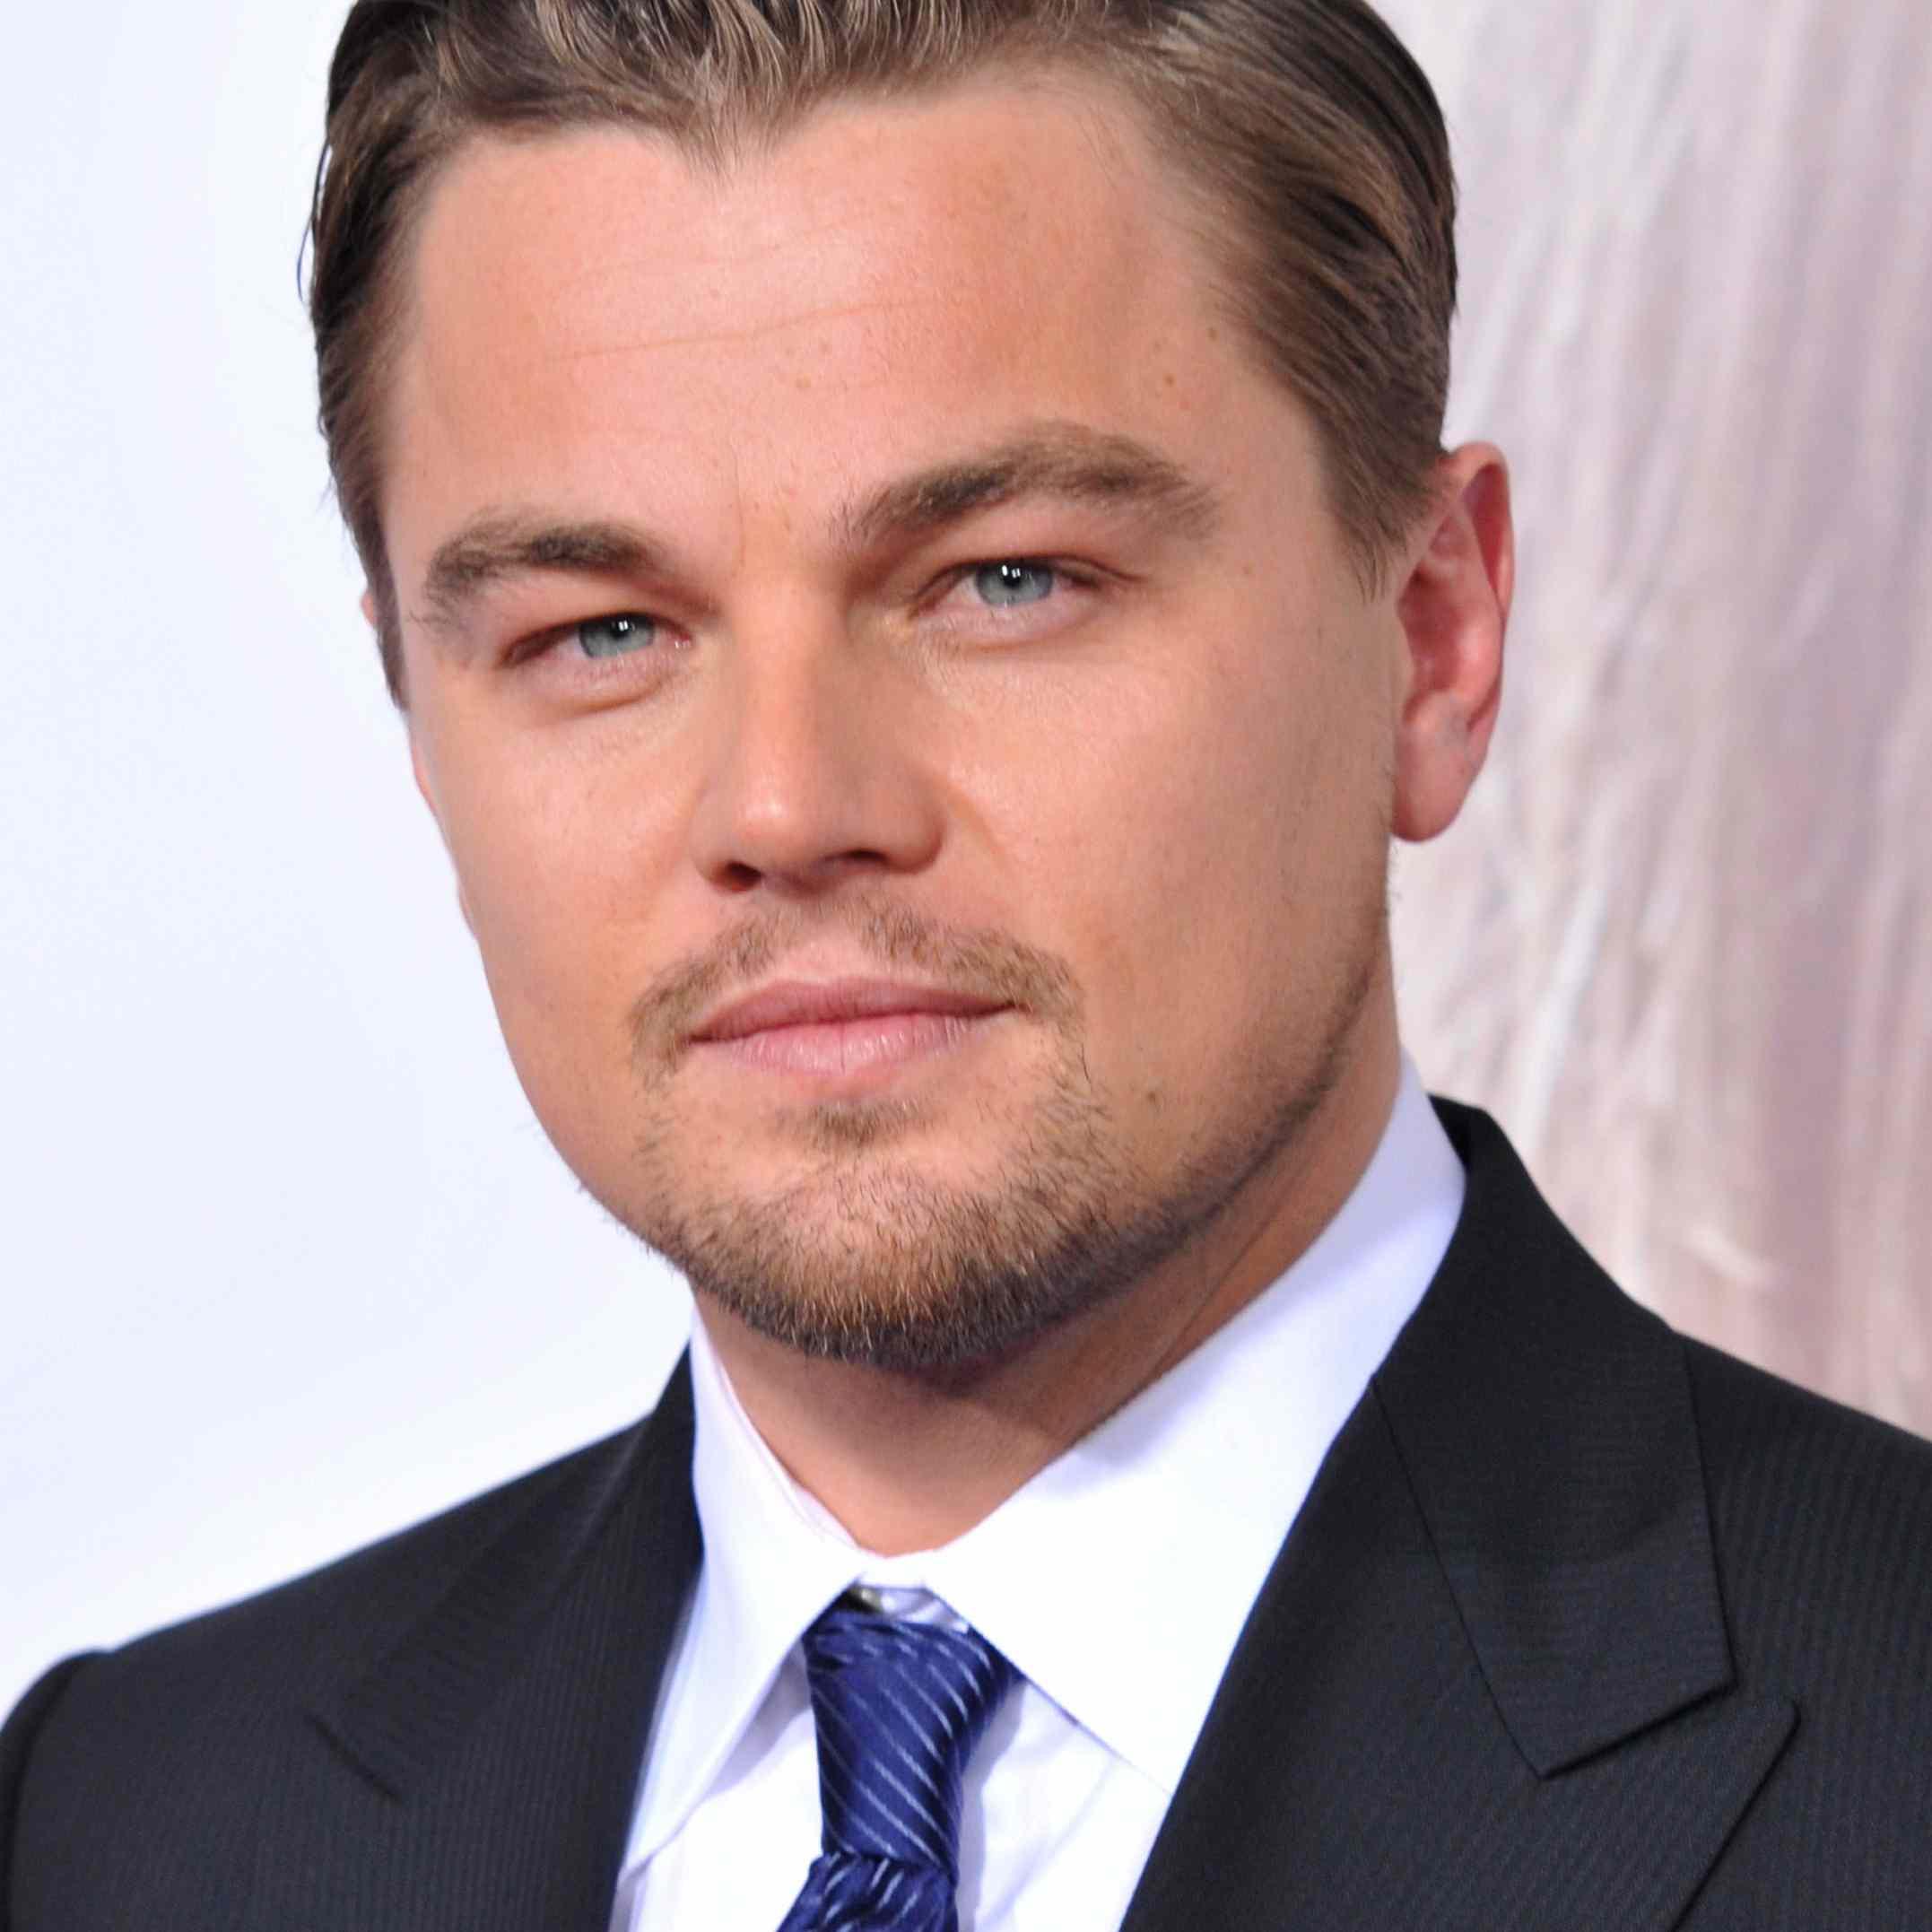 Leonardo DiCaprio Hair 2008